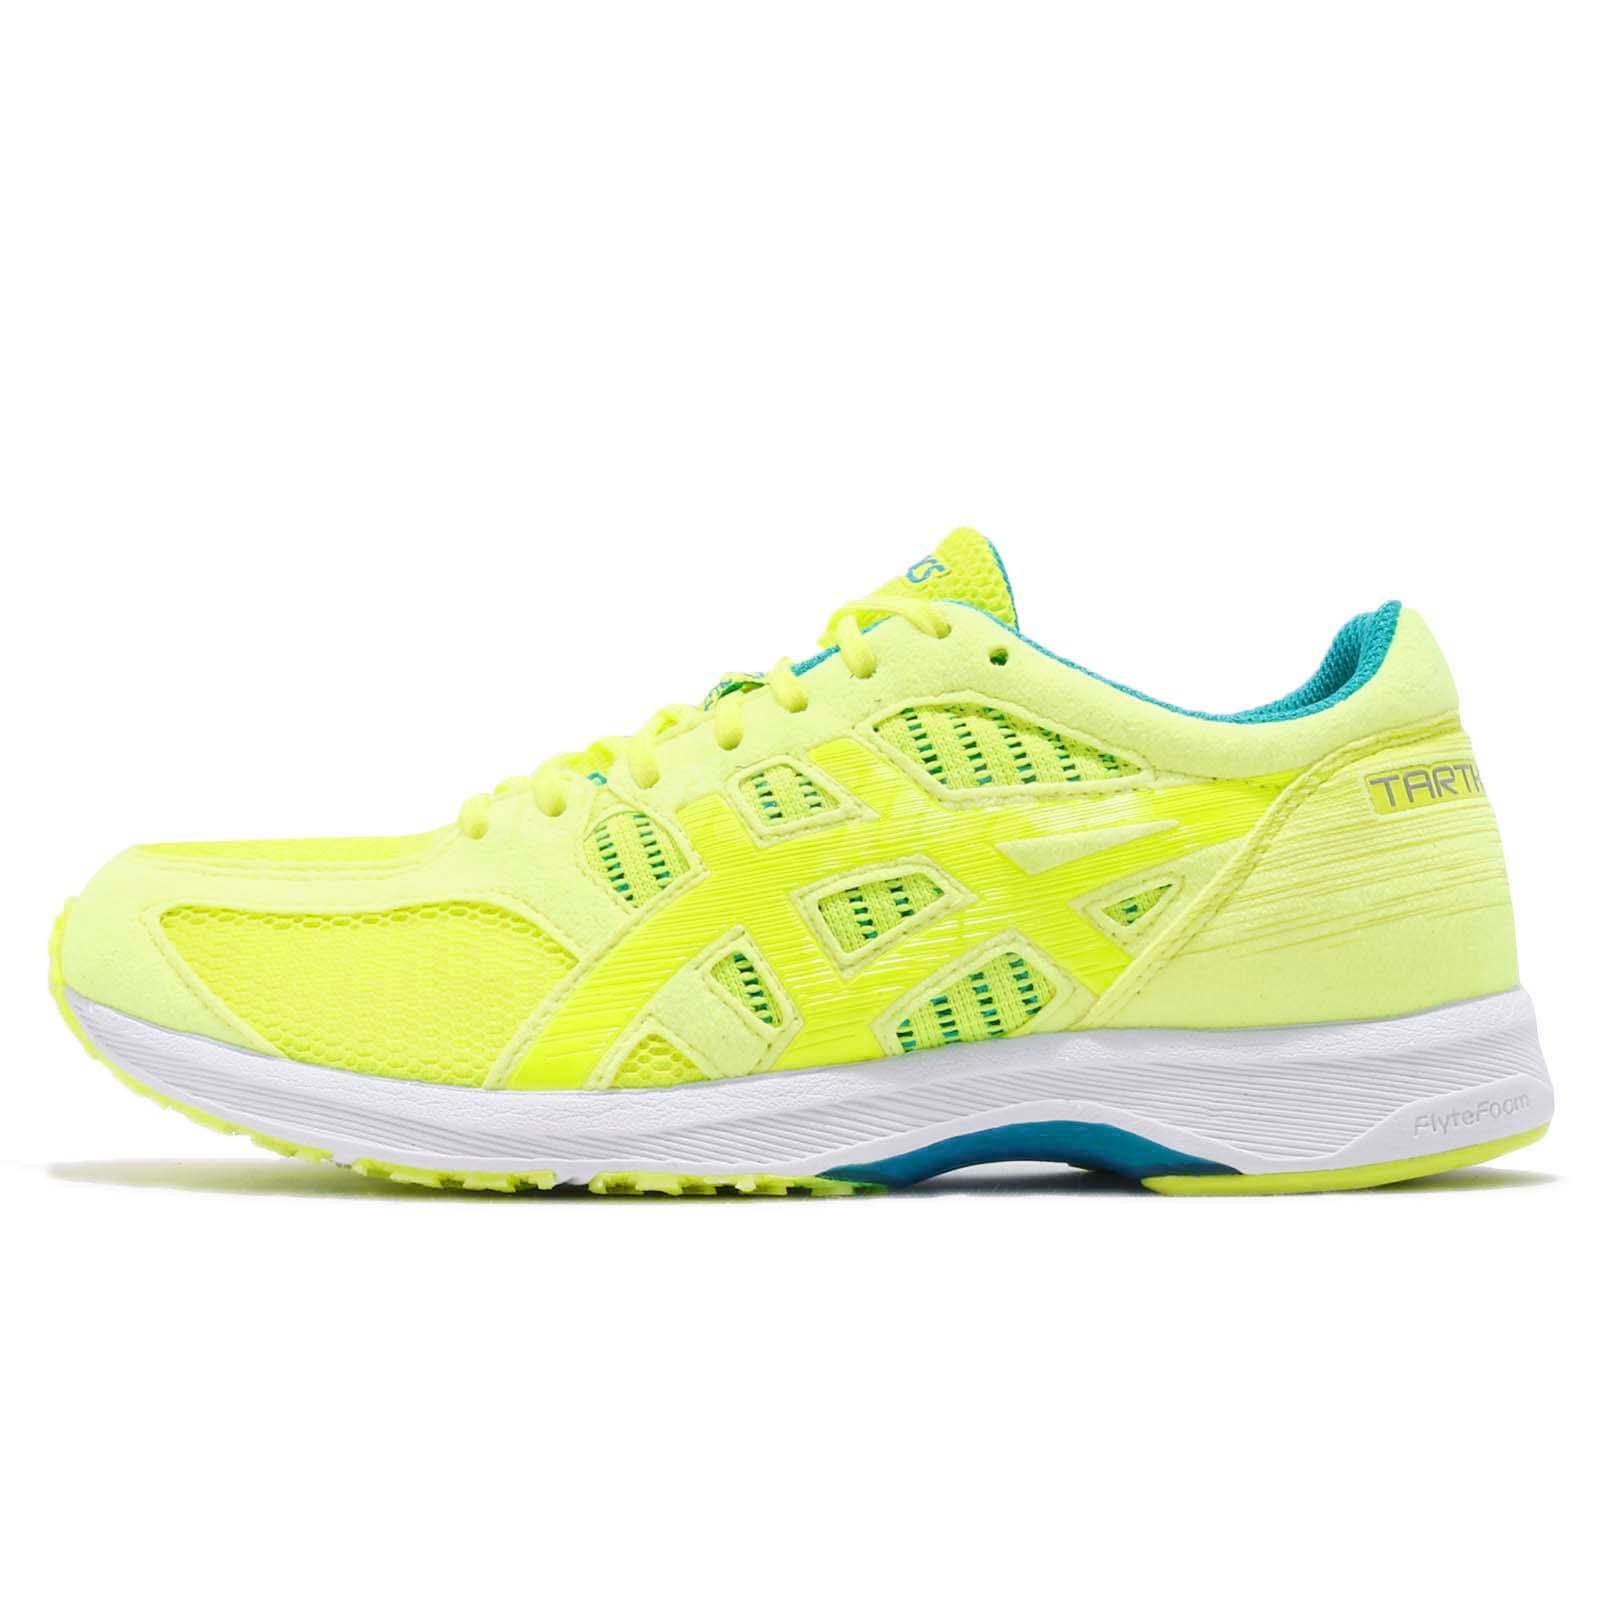 c8e5e4f2b4f4 Asics Tartherzeal 6 Flash Yellow Neon Lime Women Running Shoes Sneaker  T870N-750